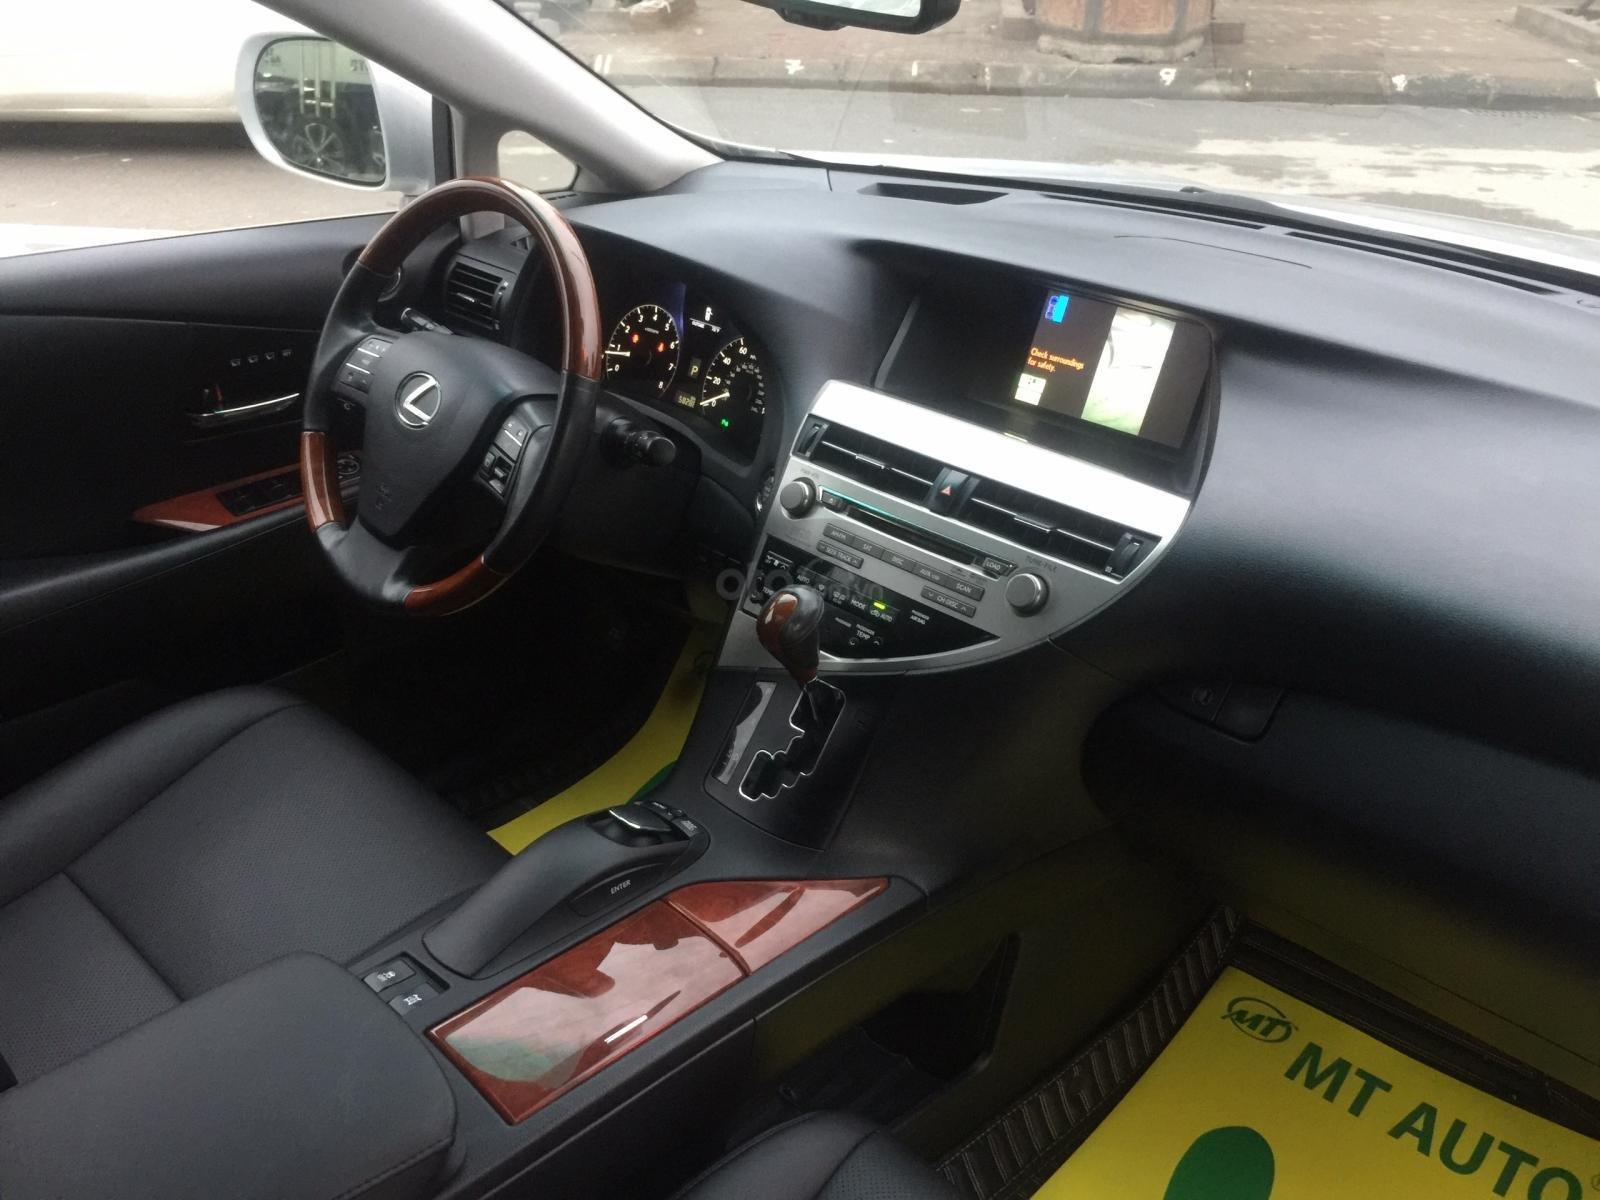 MT Auto bán Lexus RX 350 đời 2012, màu xám (ghi), nhập khẩu nguyên chiếc, LH e Hương 0945392468-11